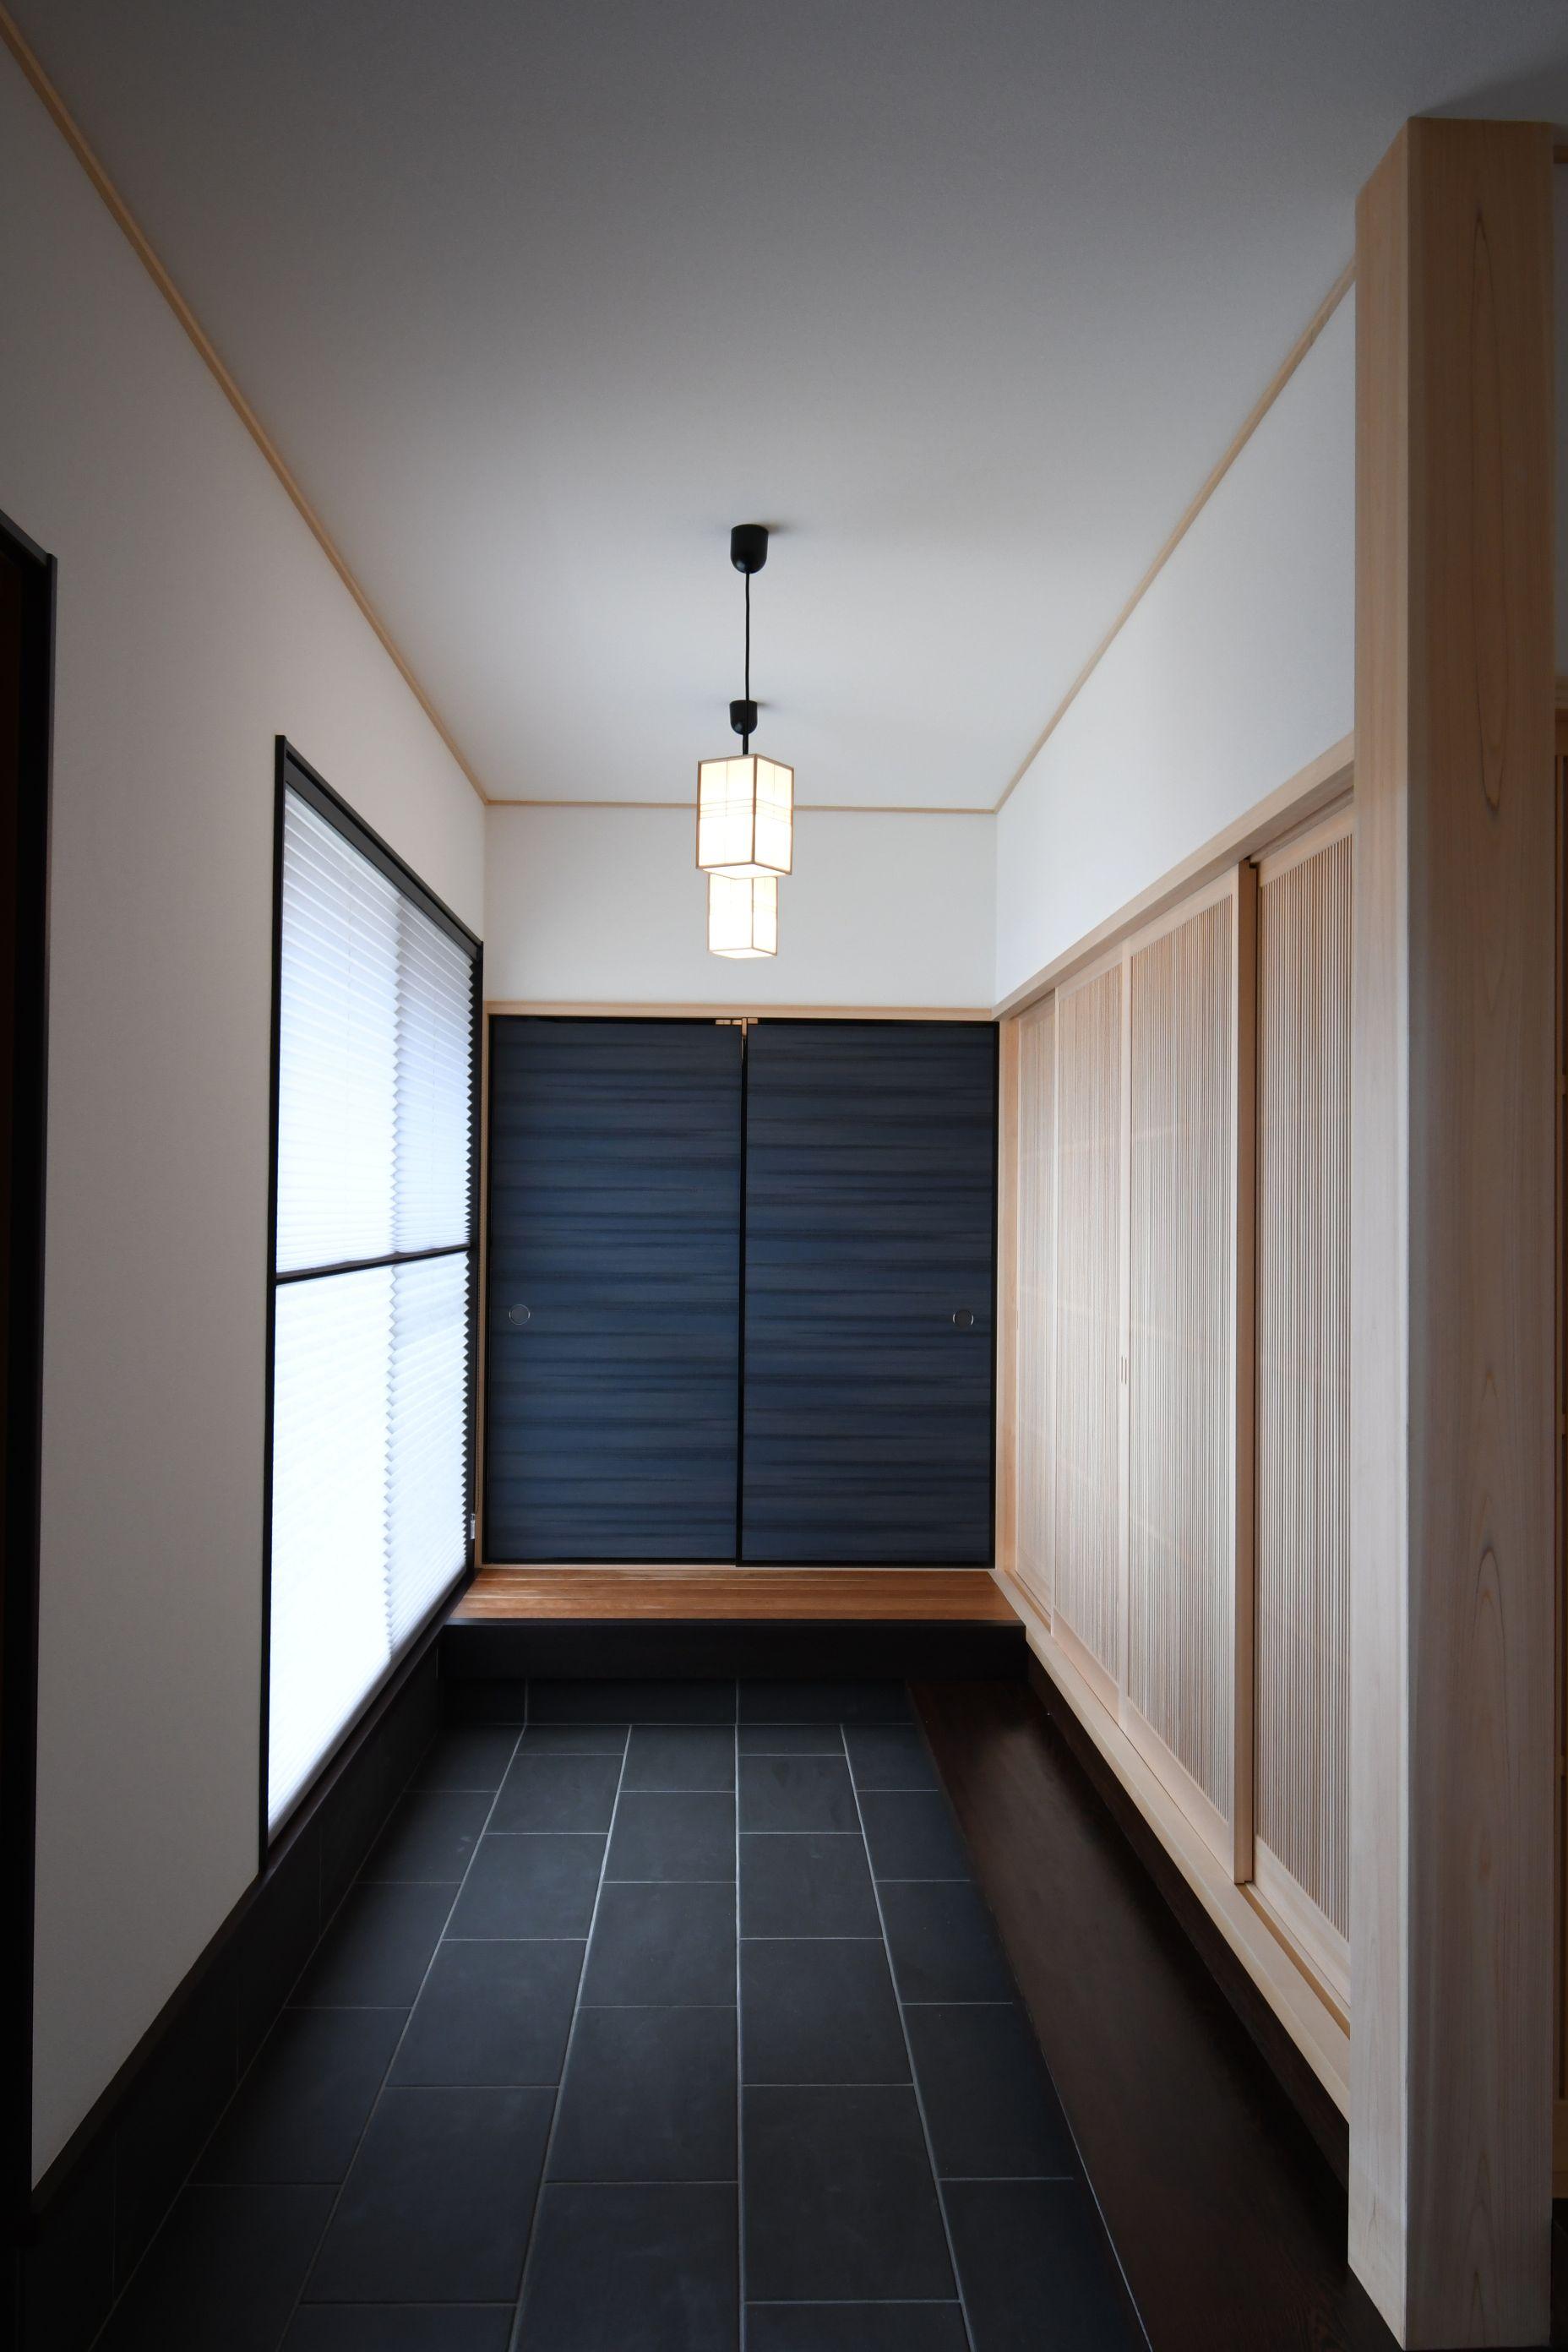 丸七建設興業【デザイン住宅、高級住宅、間取り】旅館に来たかと錯覚してしまう様な玄関ホール